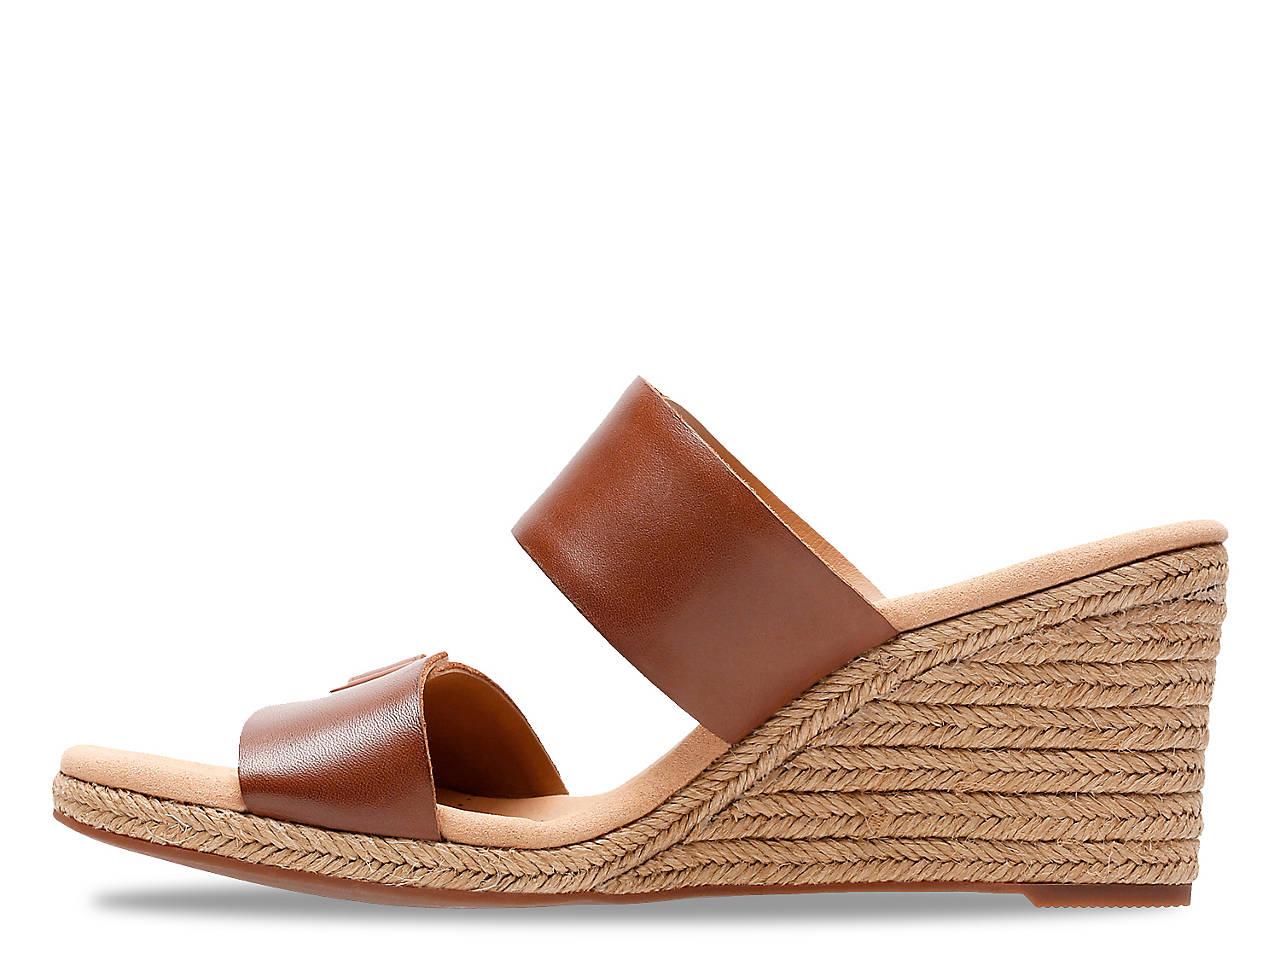 e1af15f01f9 Lafley Devin Espadrille Wedge Sandal